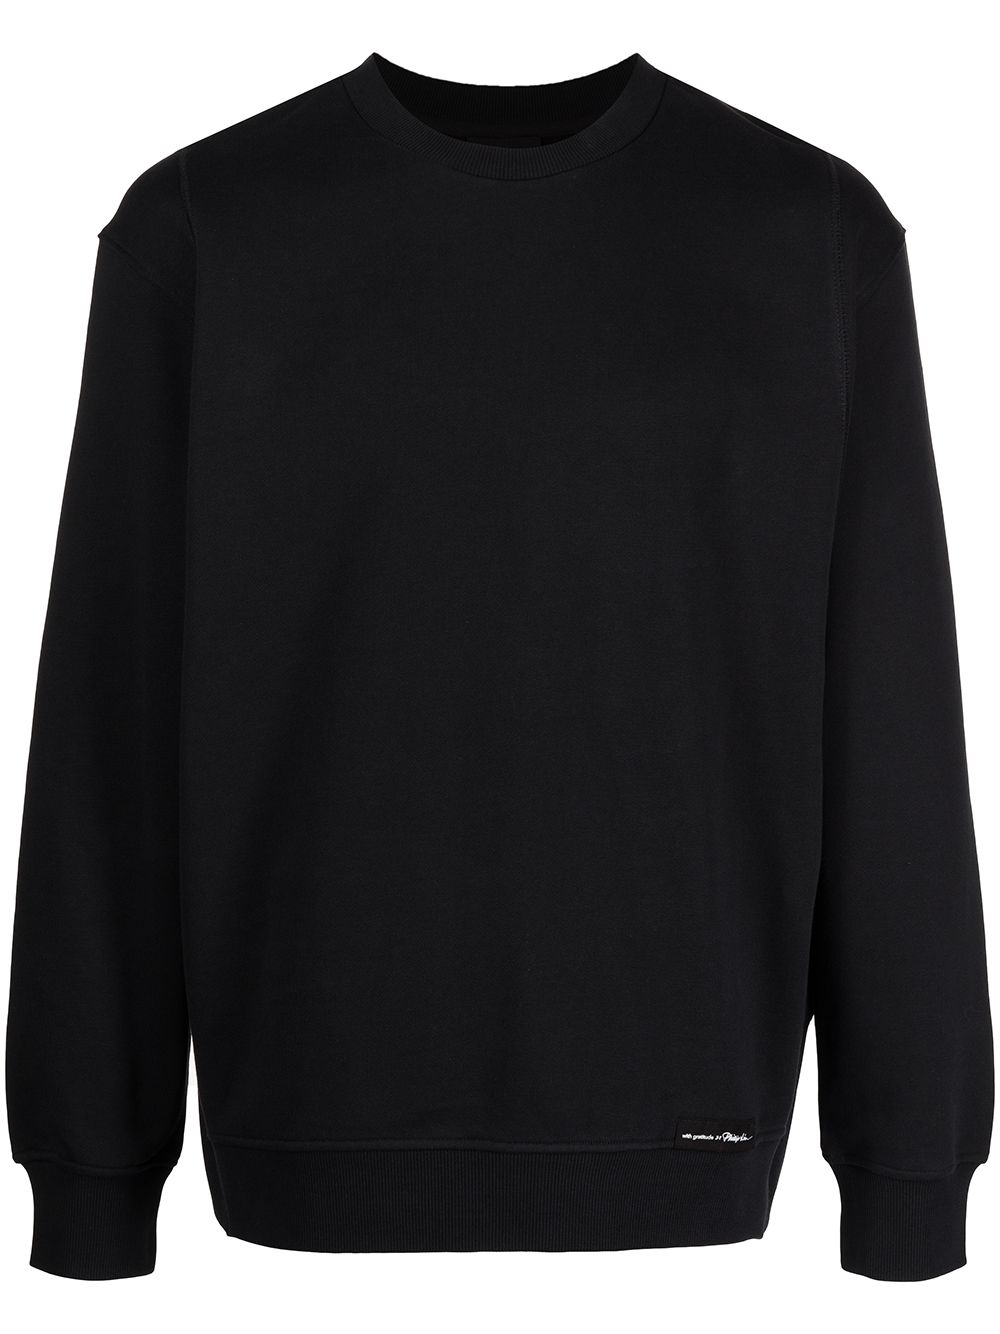 3.1 Phillip Lim Sweatshirt mit Logo-Patch - Schwarz